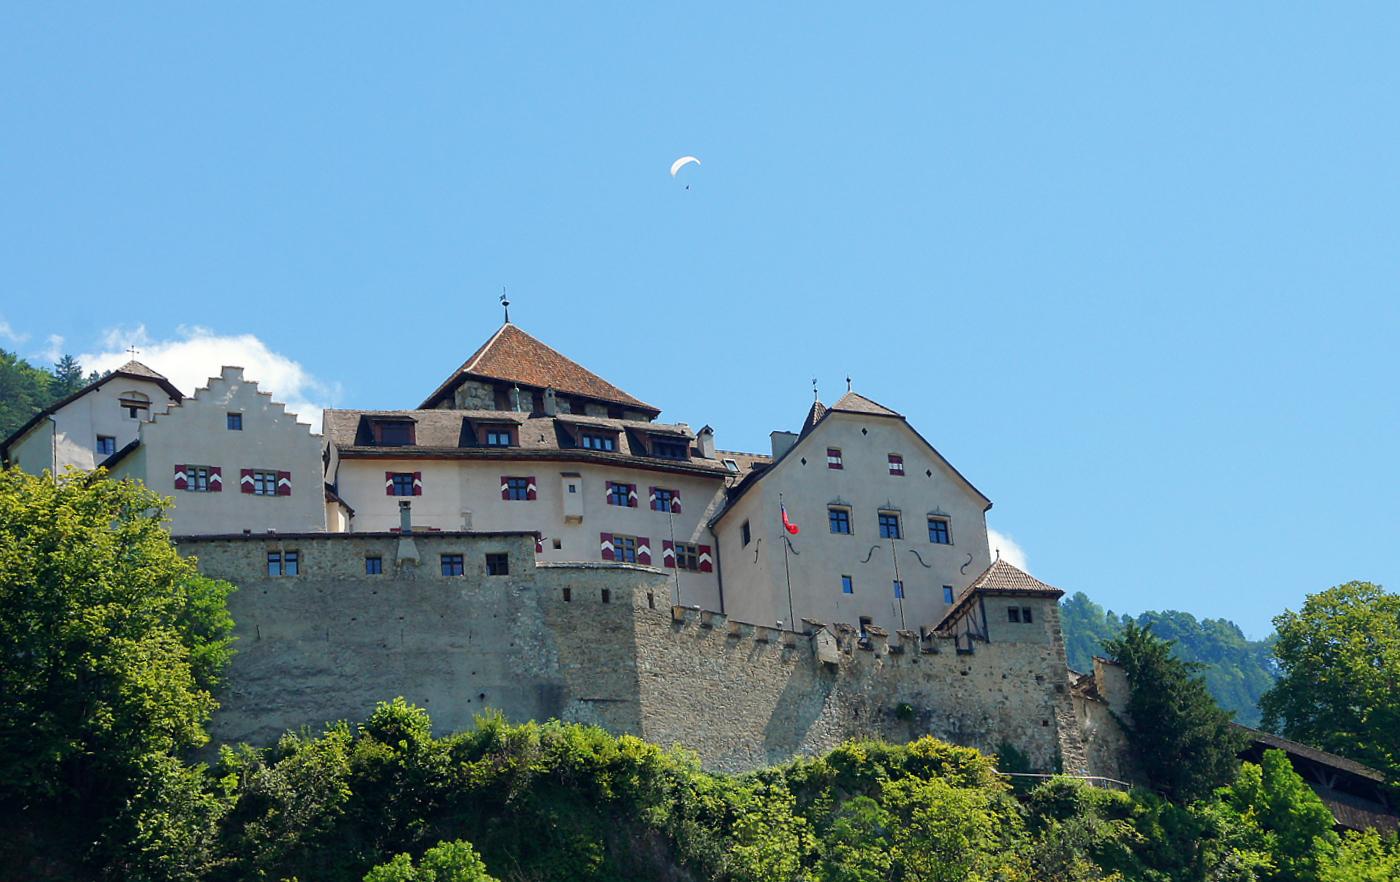 ..The castle..